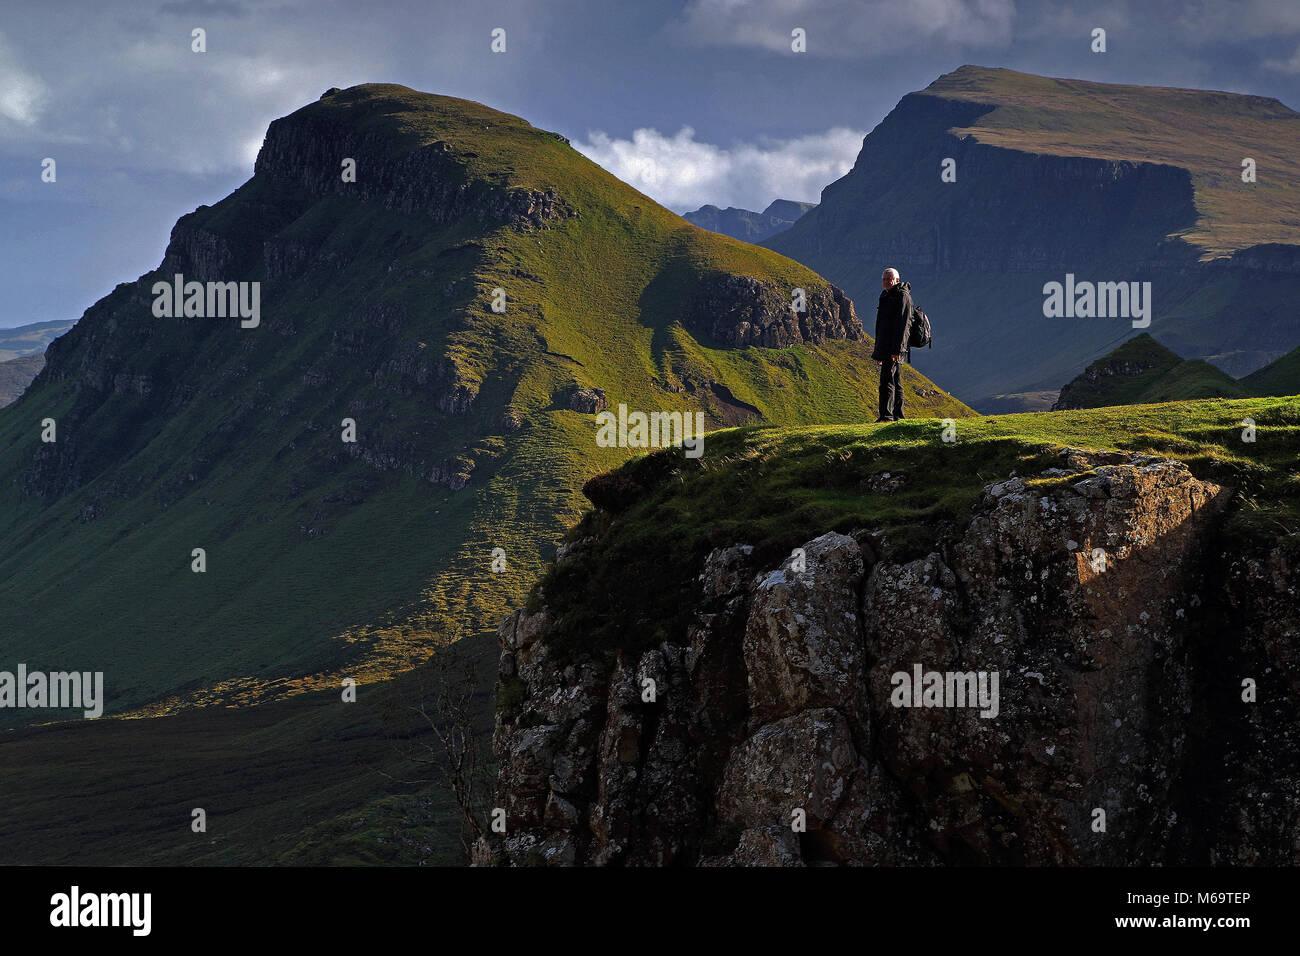 Schottland, Grossbritannien, Europa, Isle of Skye, die quiraing, Stockbild